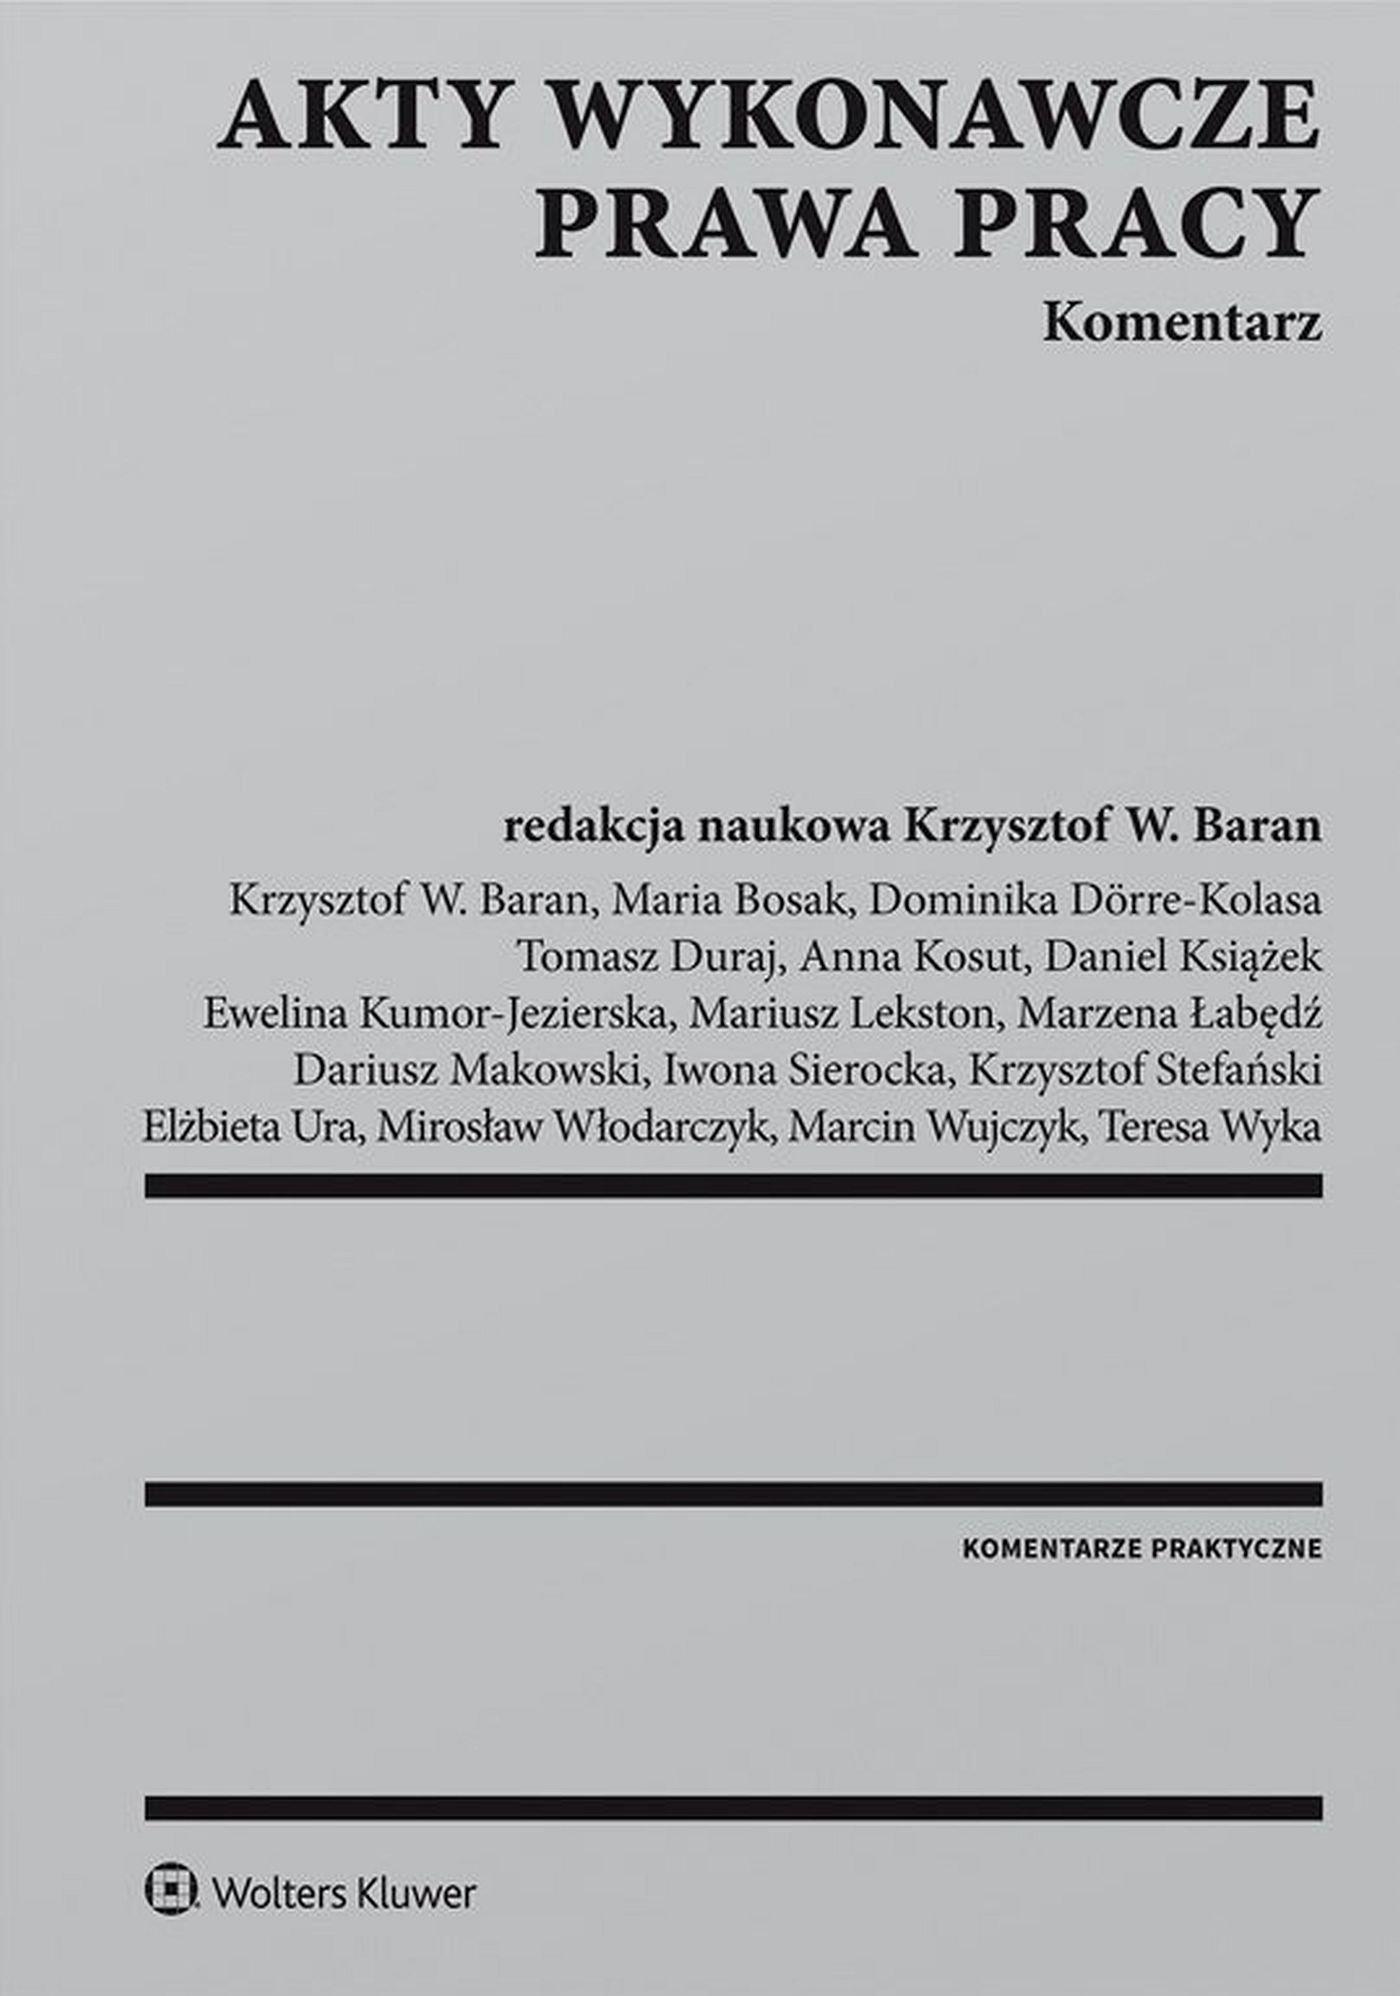 Akty wykonawcze prawa pracy. Komentarz - Ebook (Książka EPUB) do pobrania w formacie EPUB